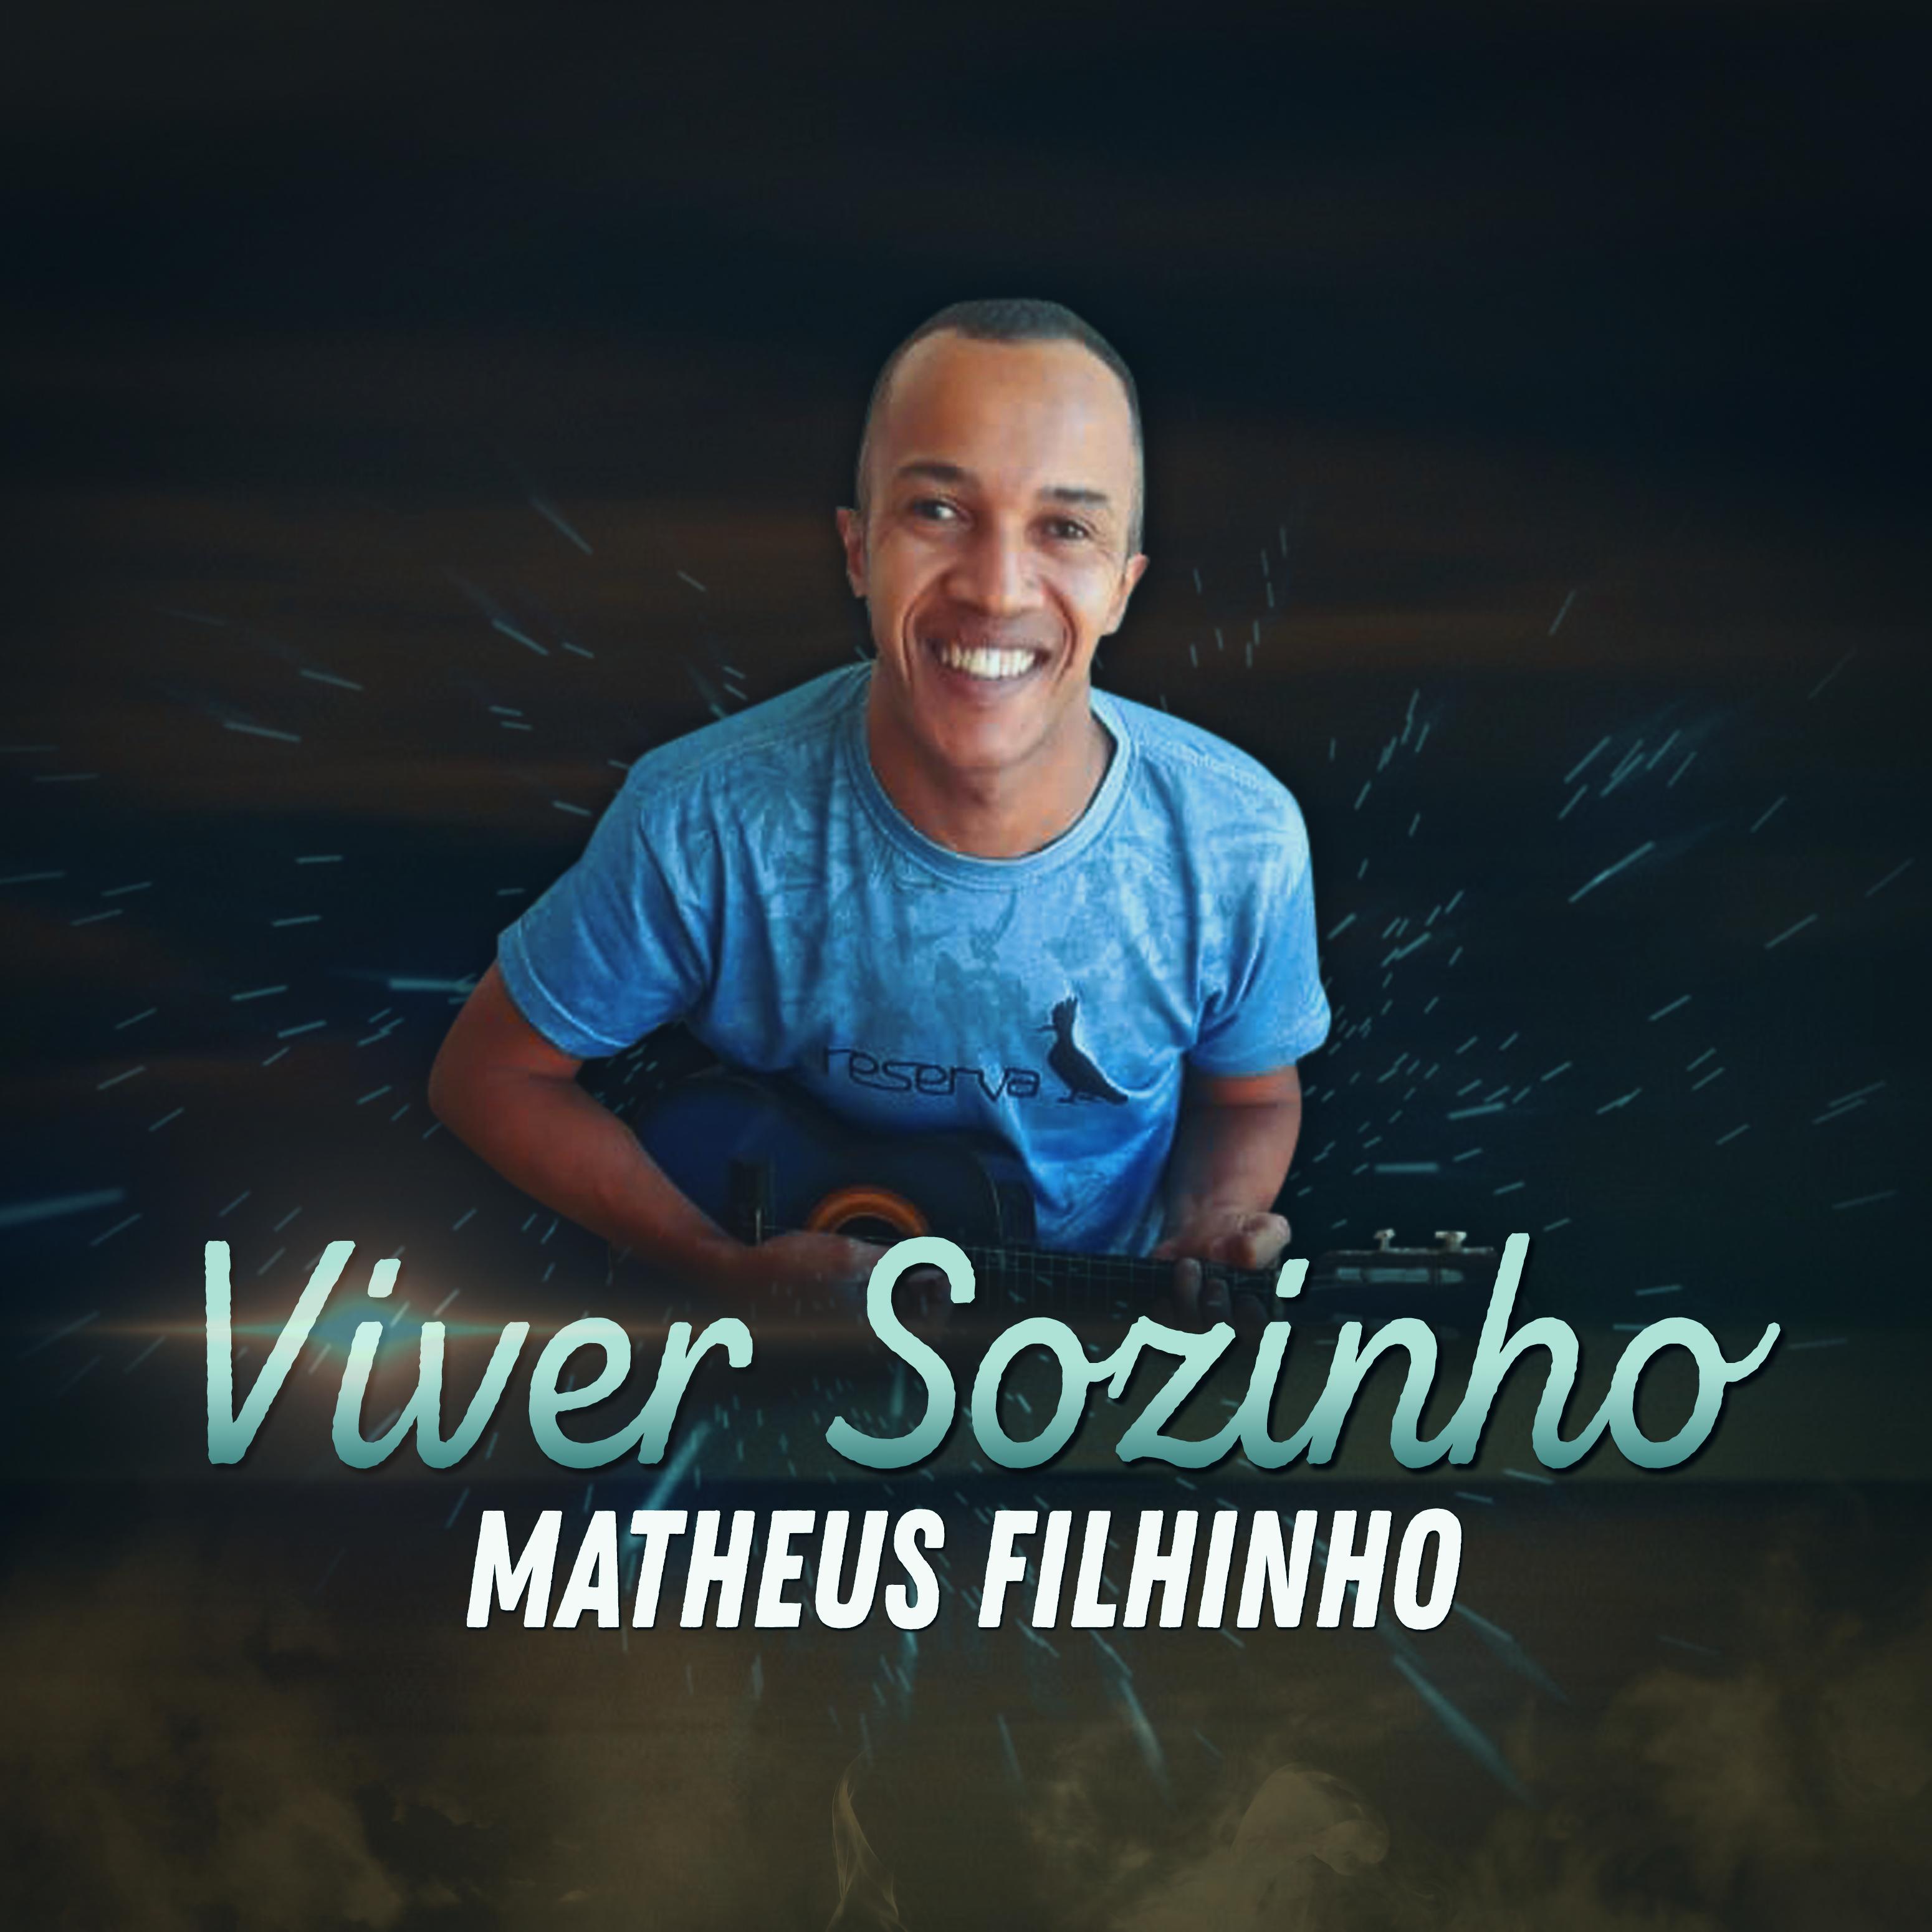 Matheus Filhinho